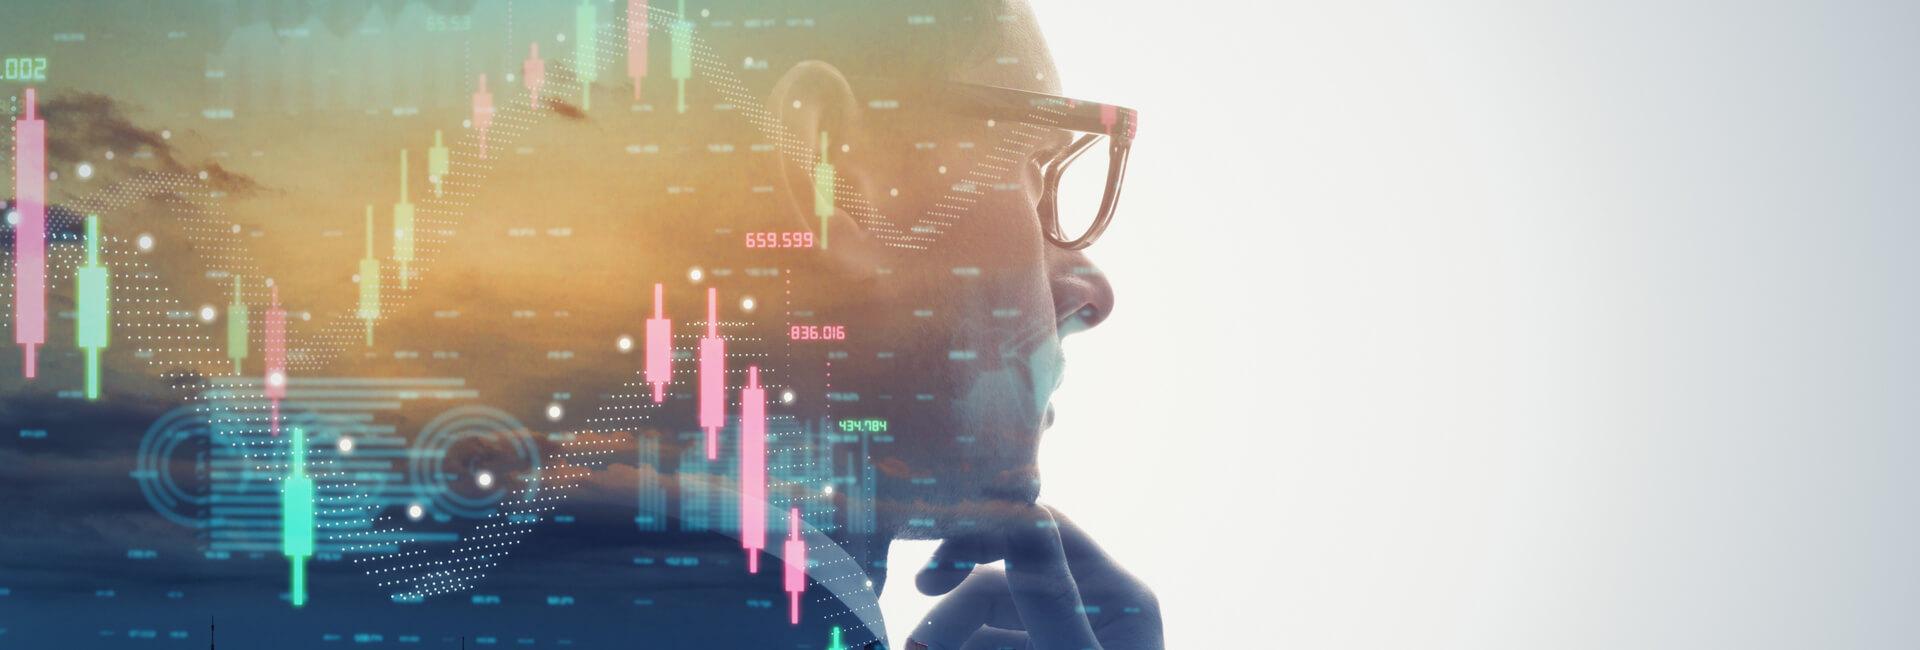 Fintech e cloud: il ruolo dei dati alla base dei nuovi servizi